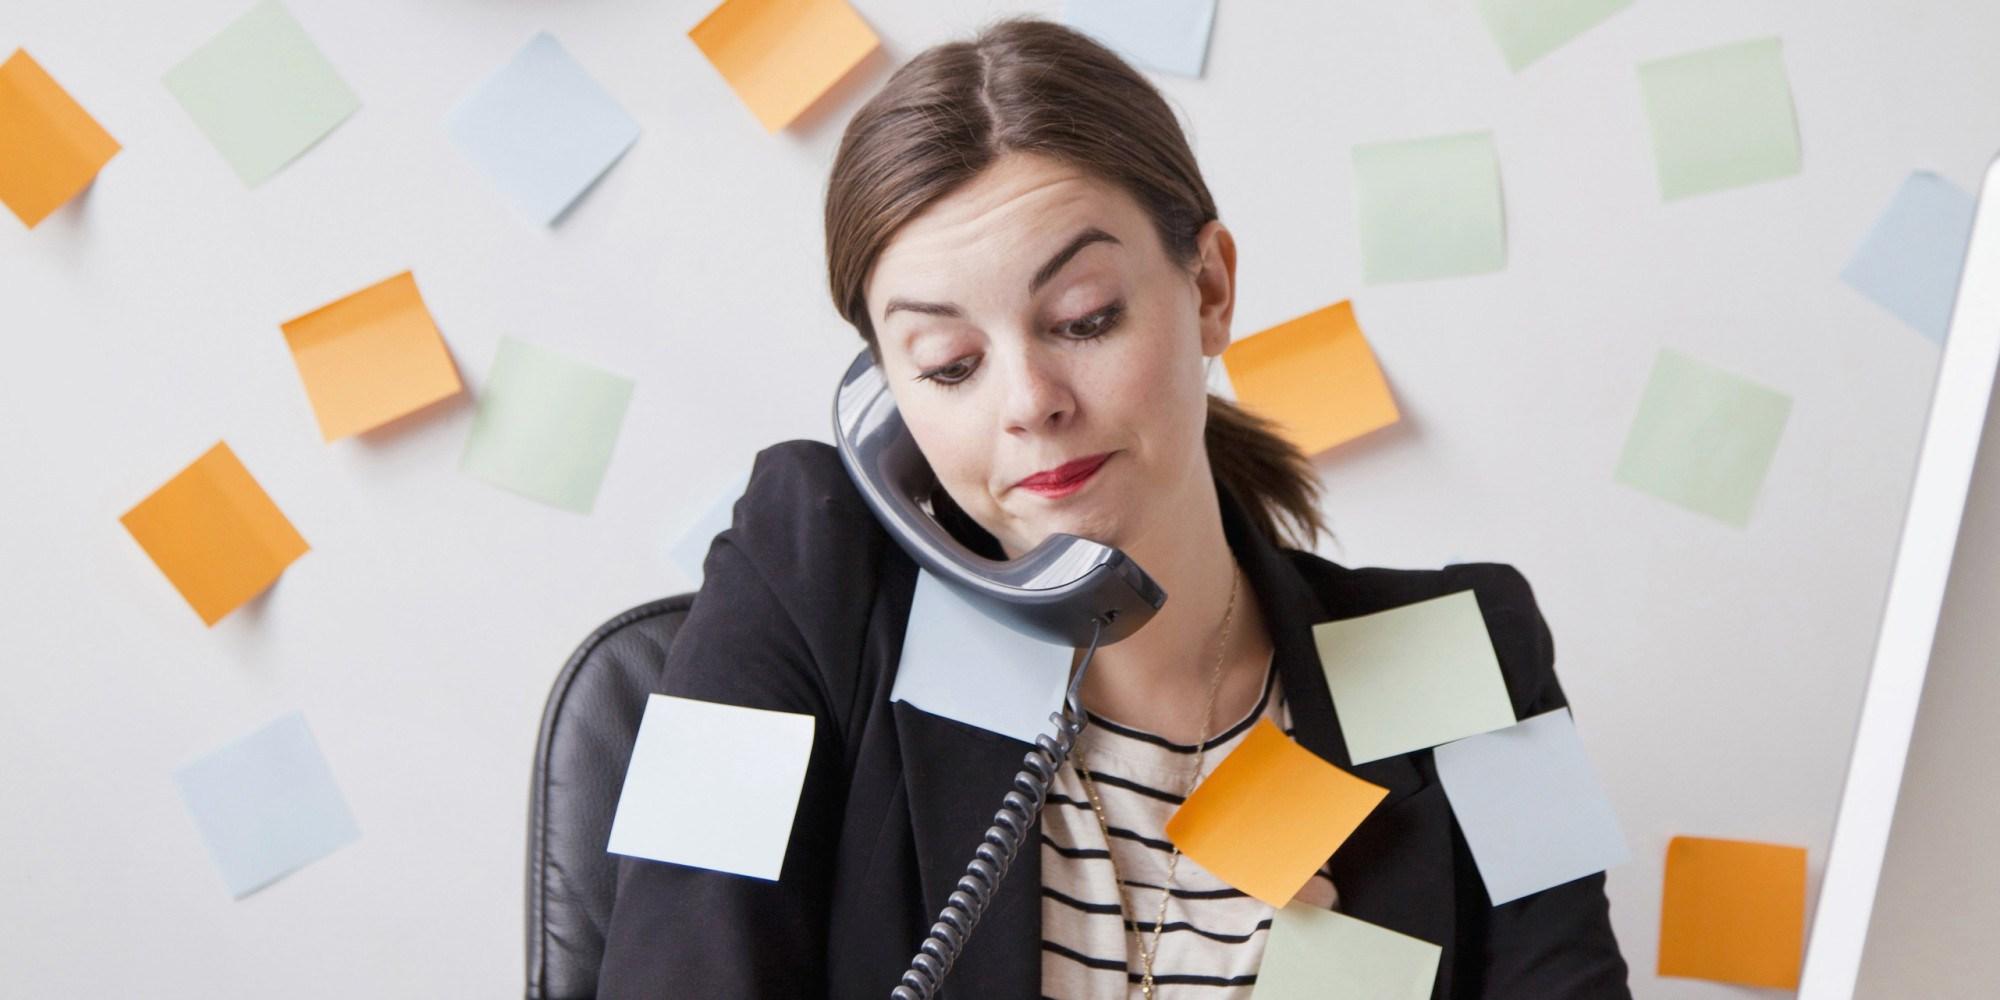 6 atitudes que estão matando a sua produtividade no trabalho